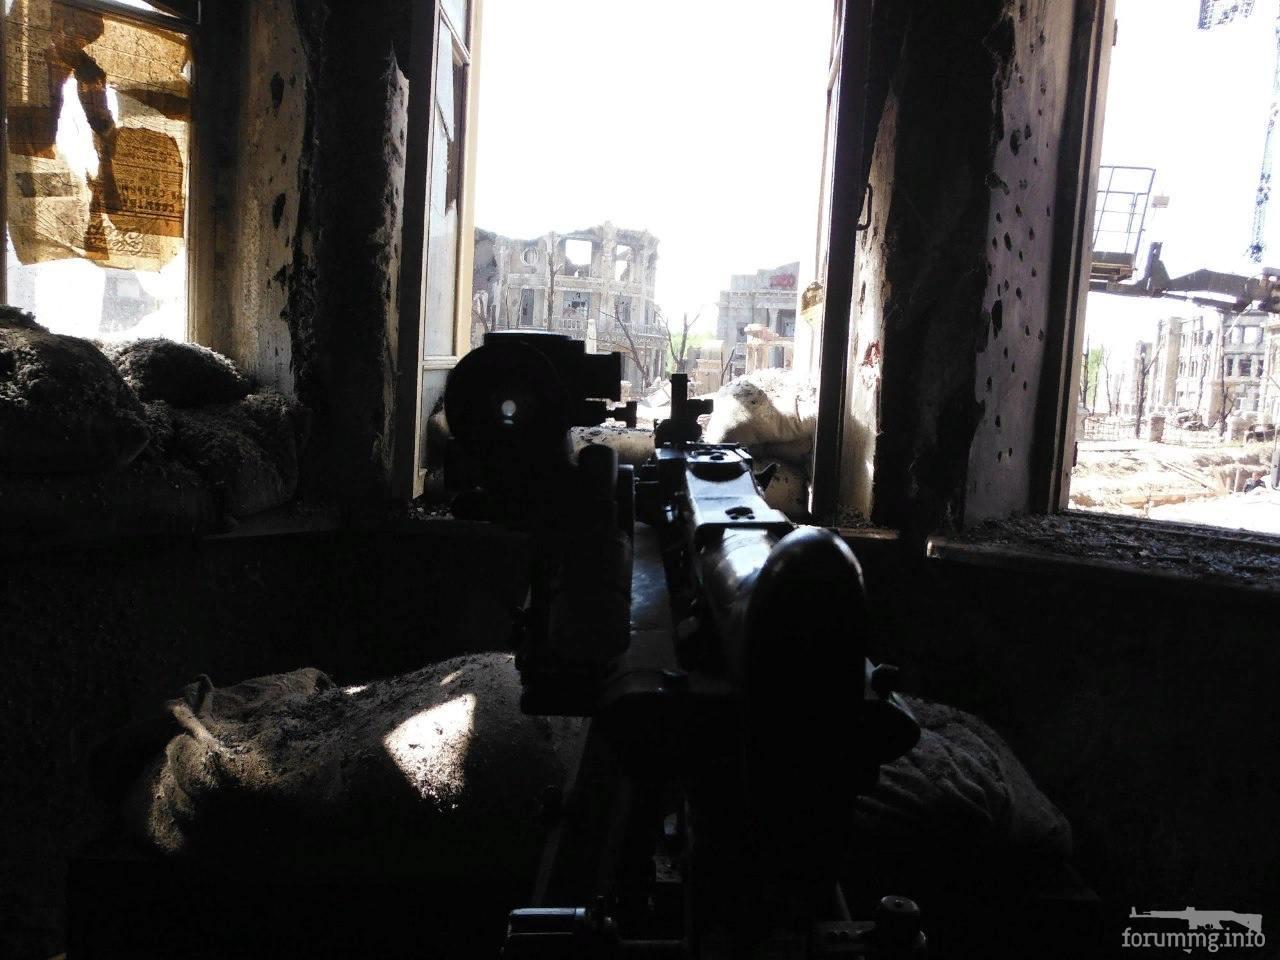 119213 - Все о пулемете MG-34 - история, модификации, клейма и т.д.